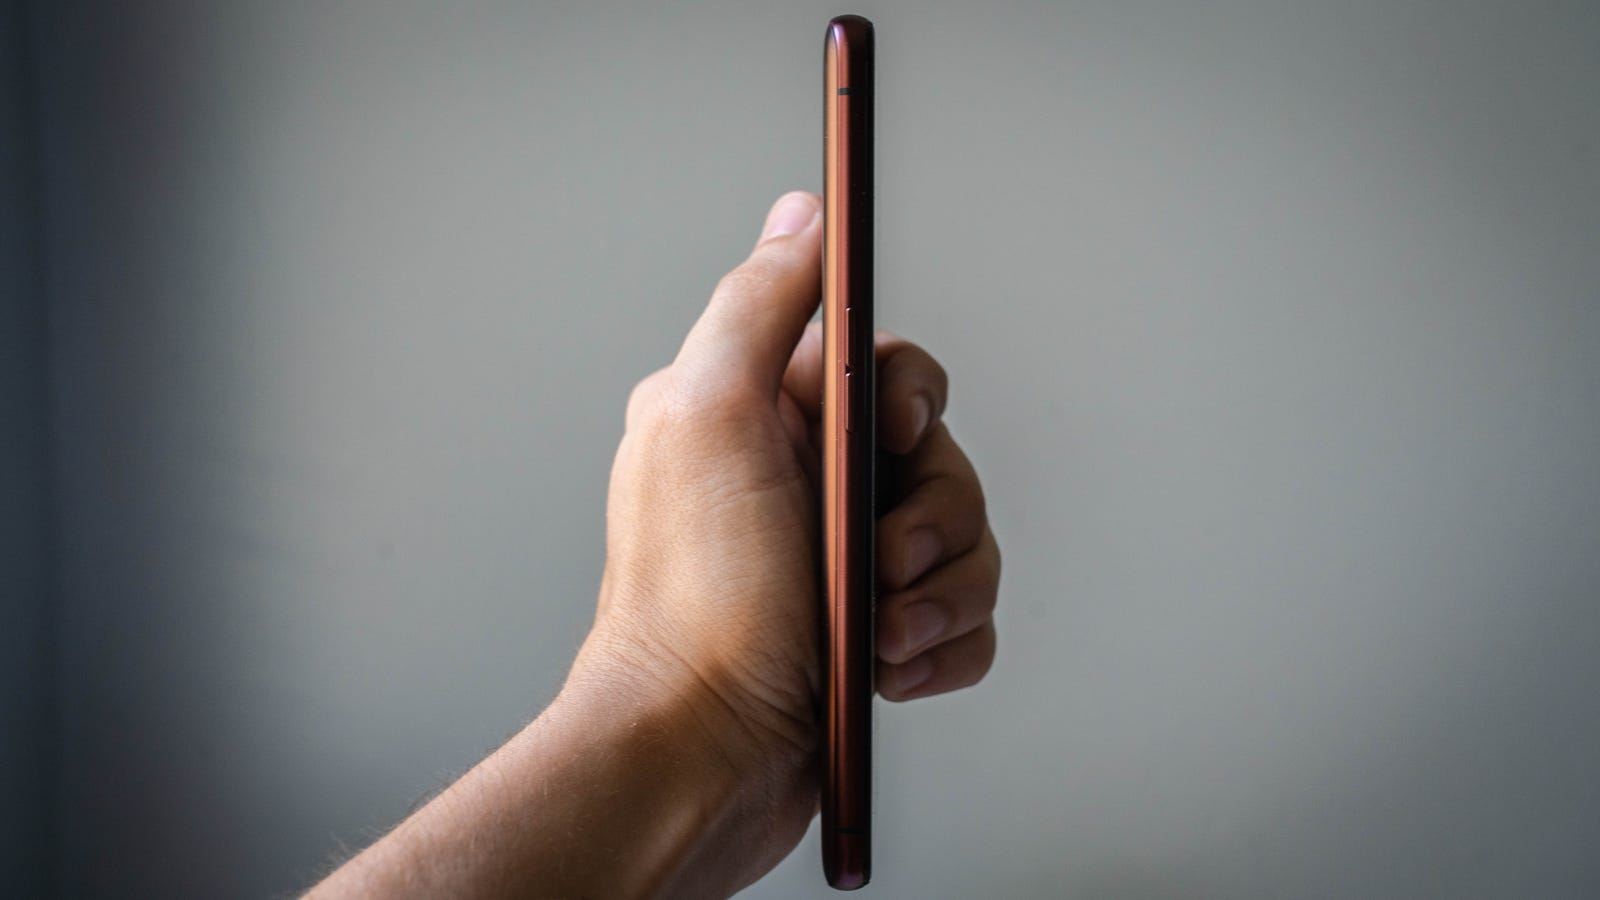 El móvil tiene un grosor de 8,9 milímetros.